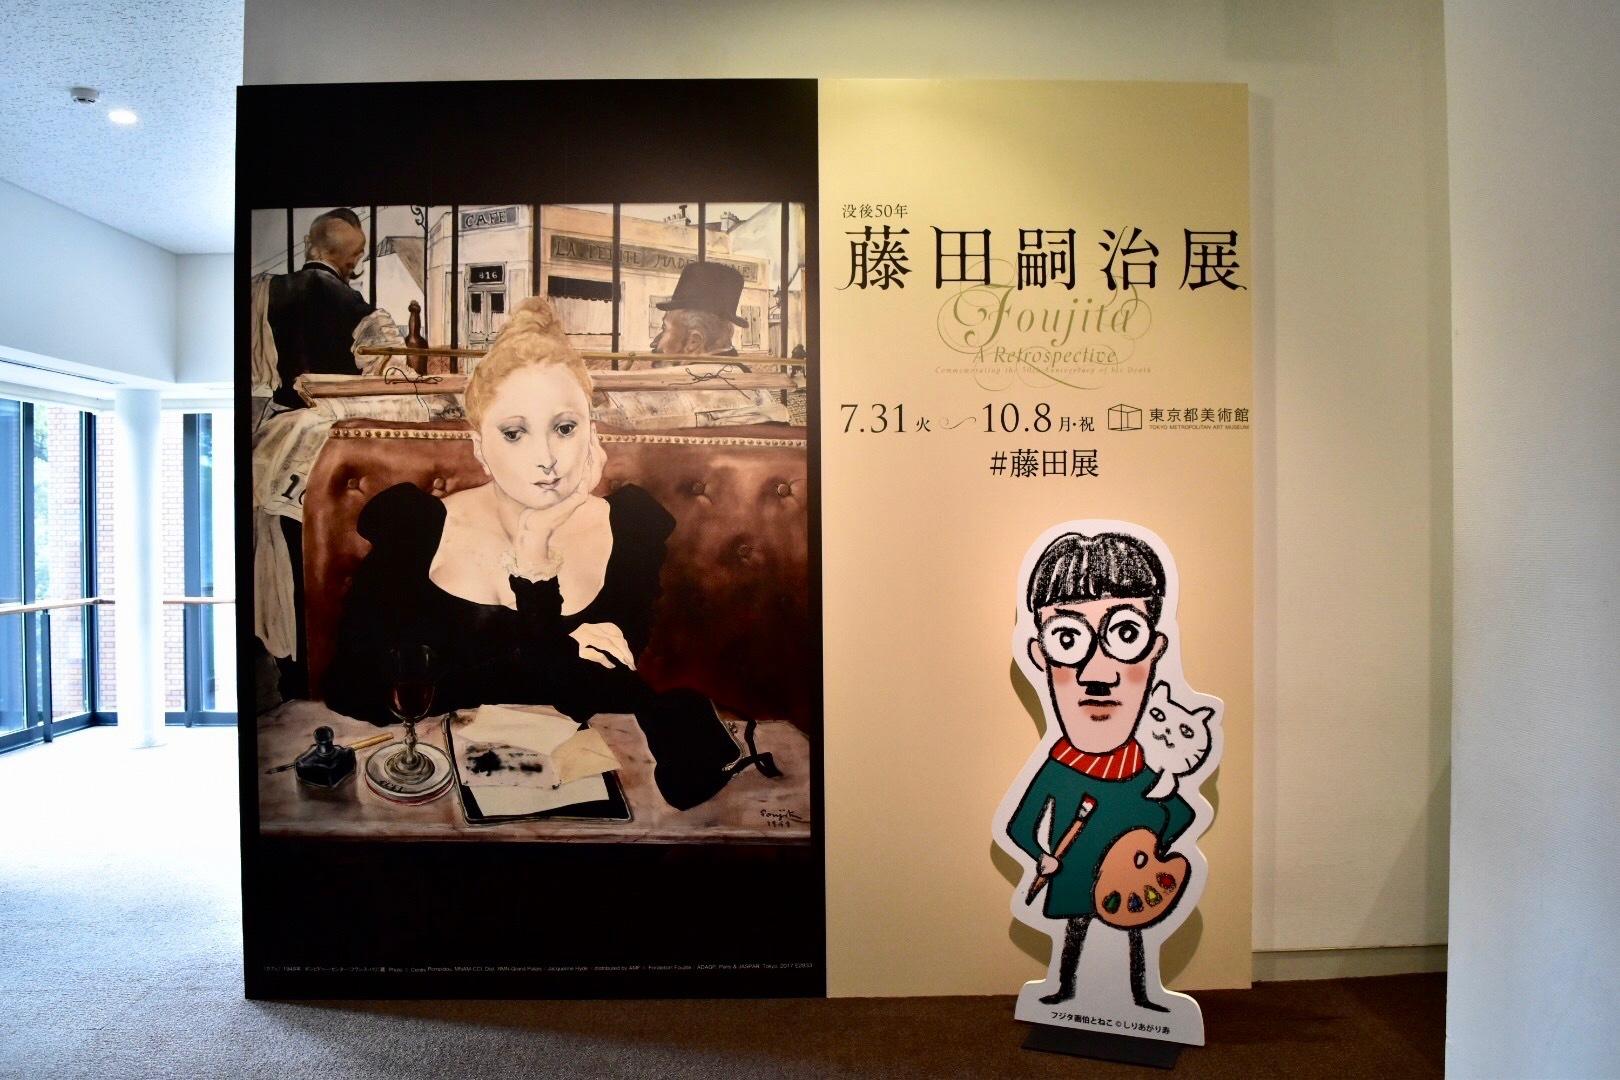 展覧会メインビジュアルとしりあがり寿さんの「フジタ画伯とねこ」のパネル